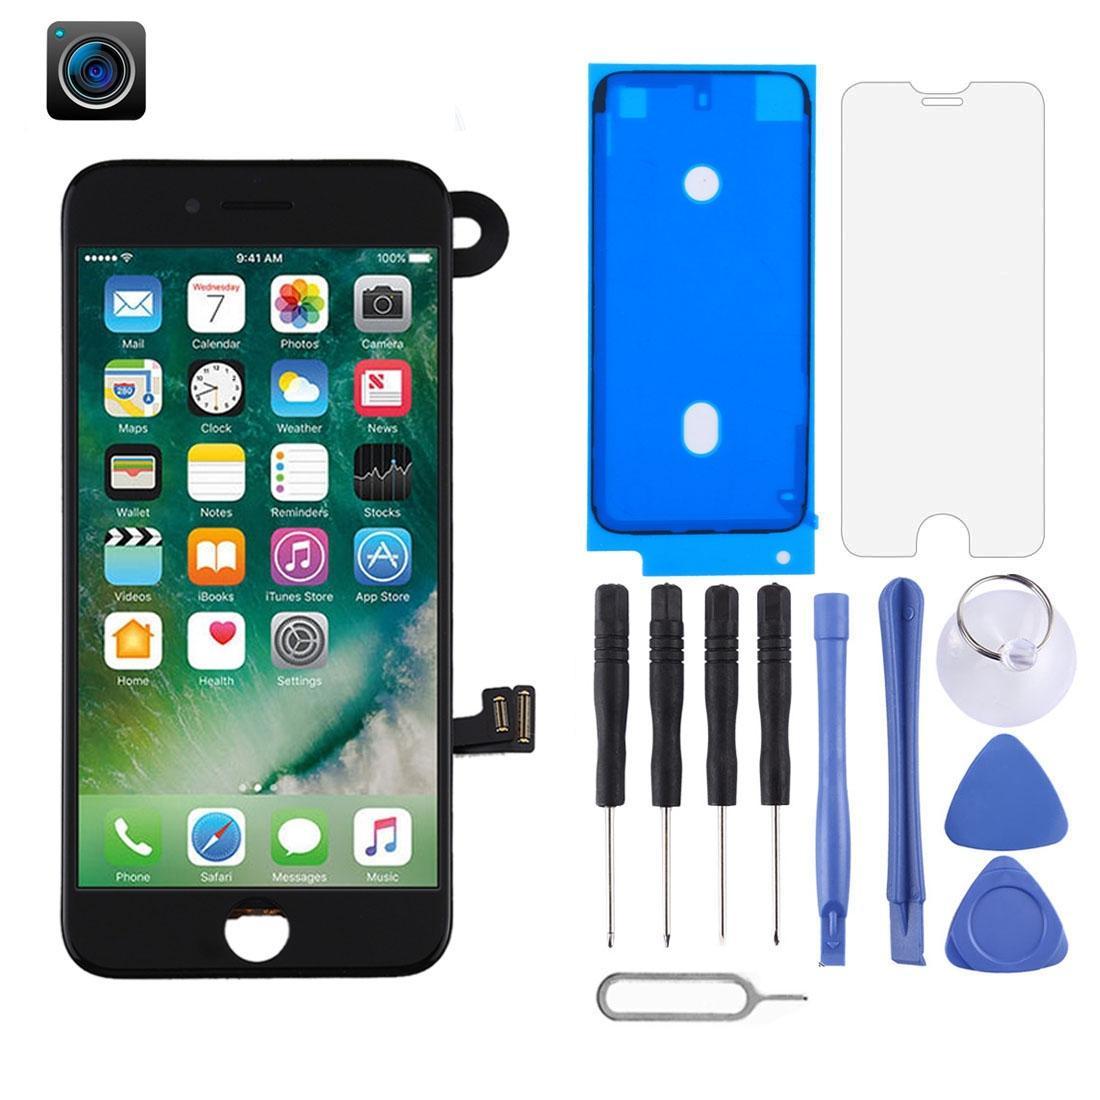 Nuovo schermo a cristalli liquidi di arrivo e Digitizer Assemblea completa includono fotocamera frontale per iPhone 7